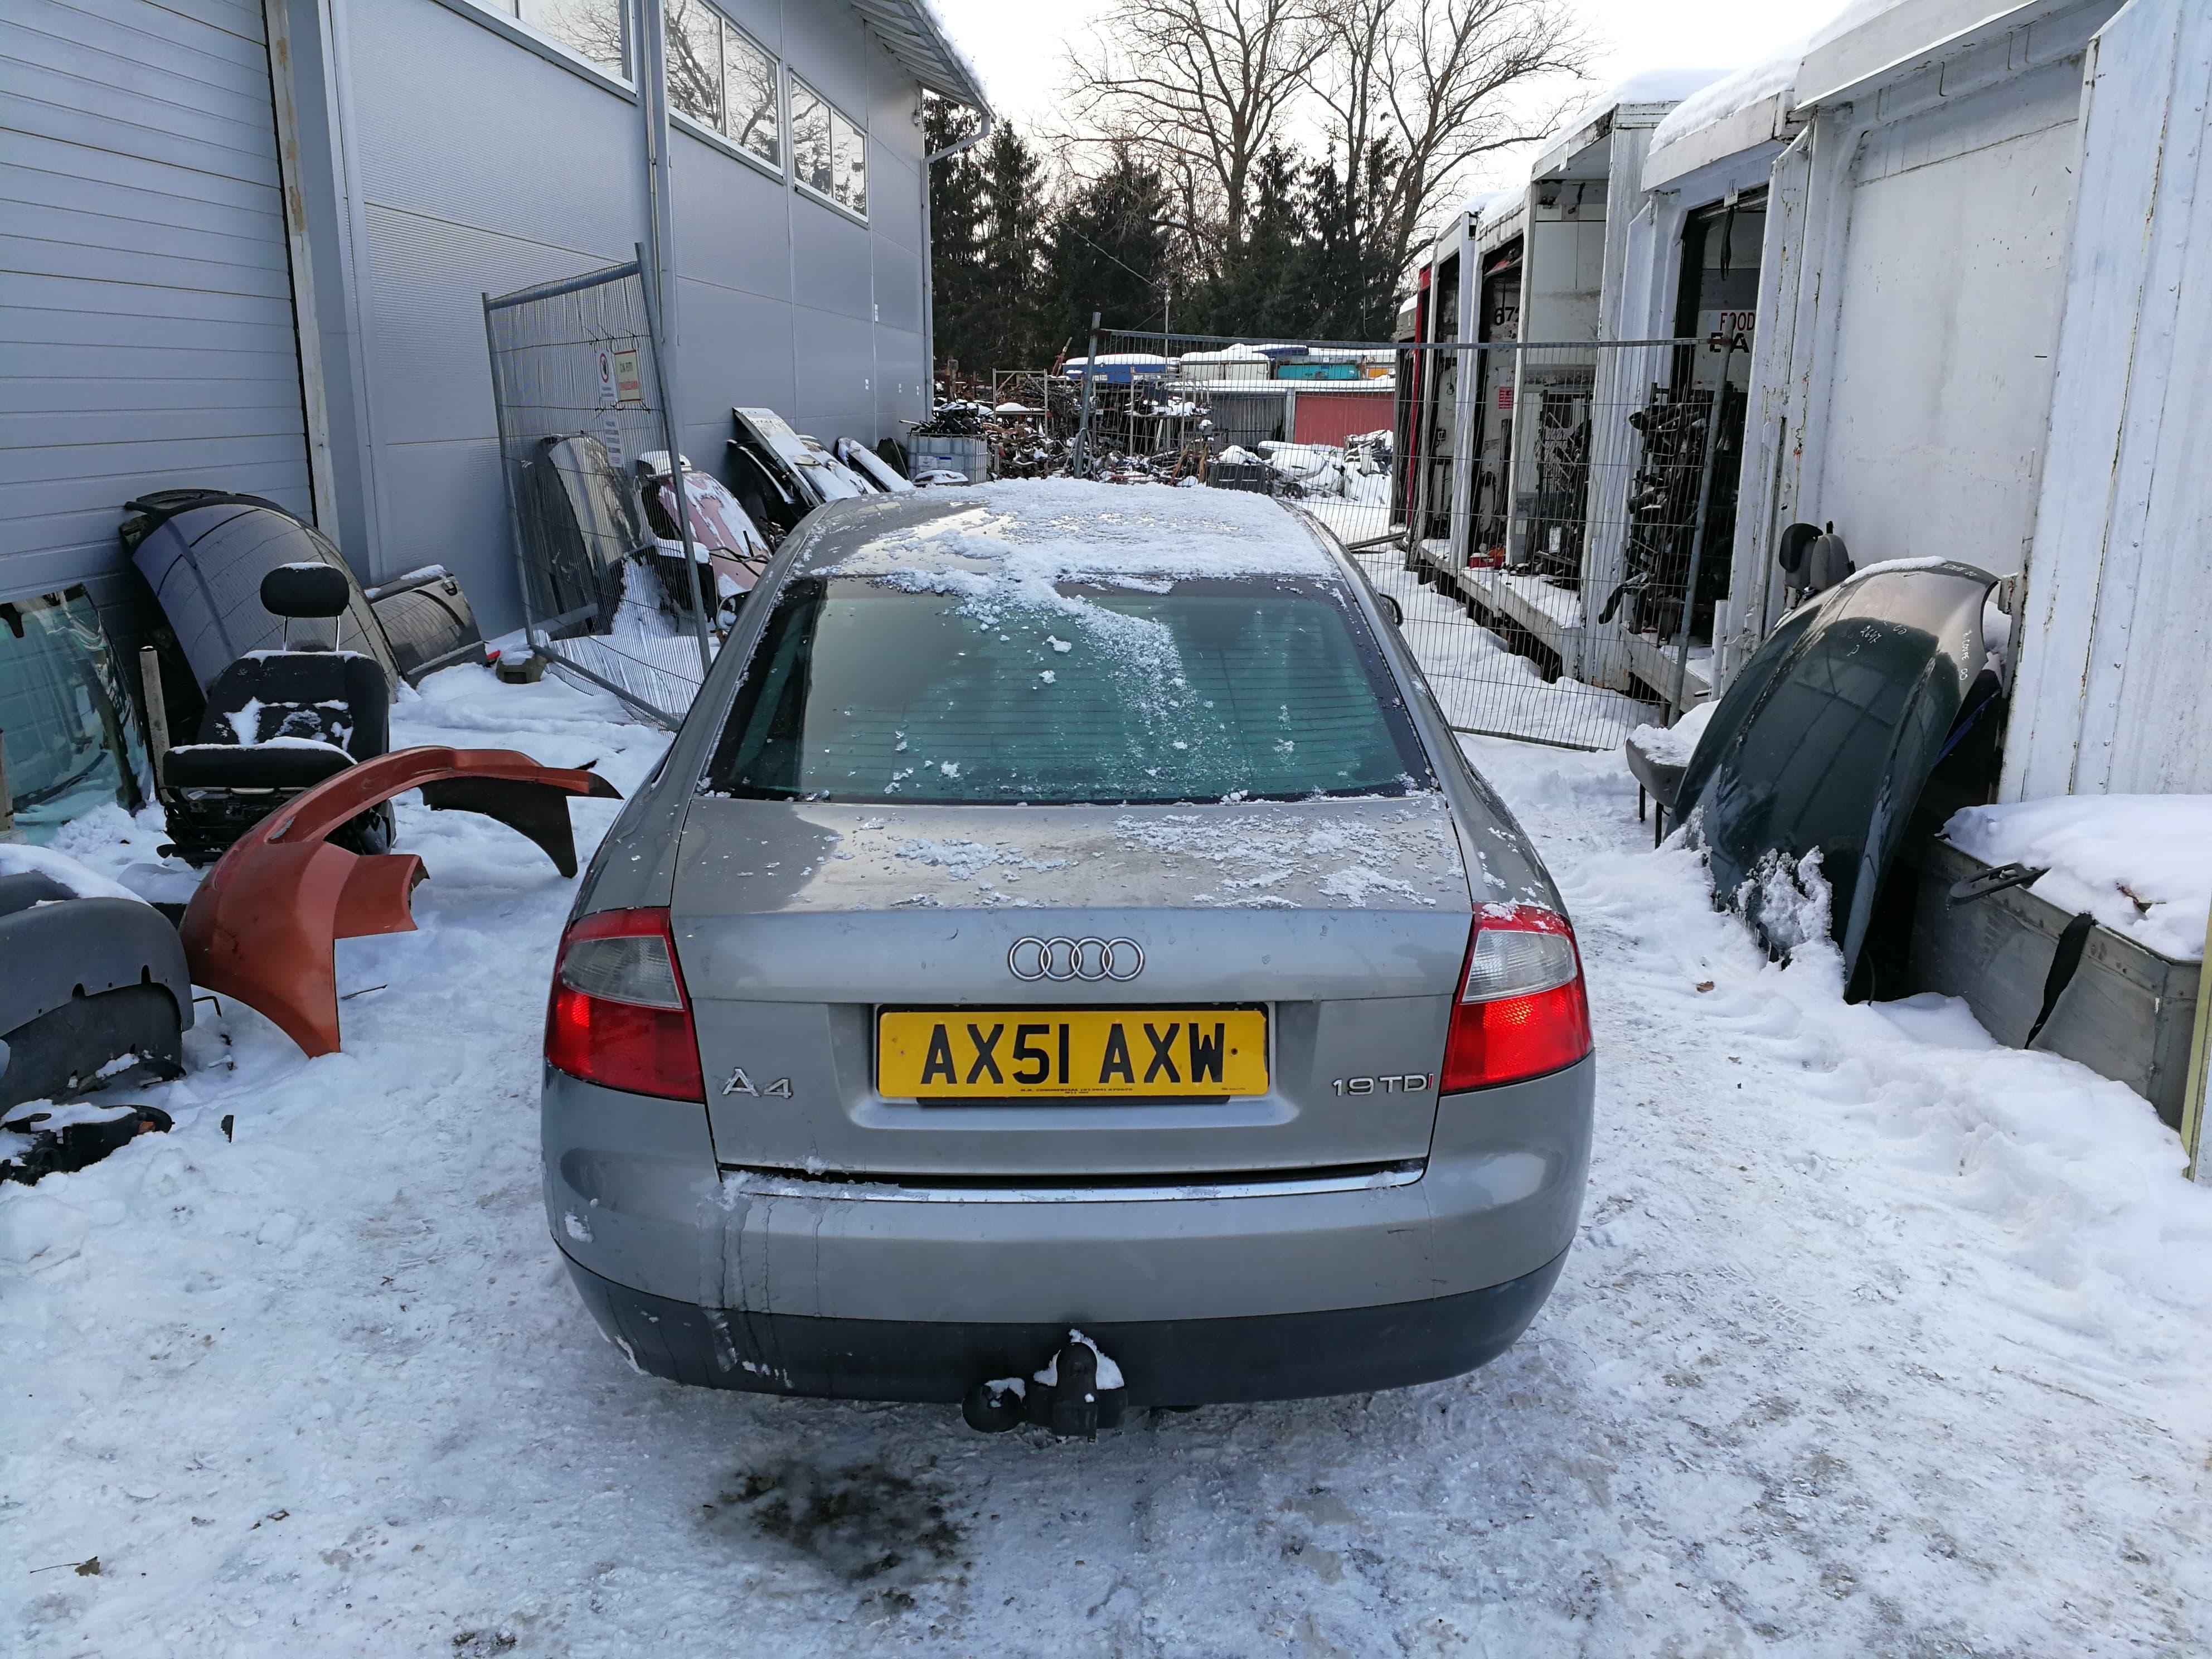 Подержанные Автозапчасти Audi A4 2001 1.9 машиностроение седан 4/5 d. серебро 2018-3-02